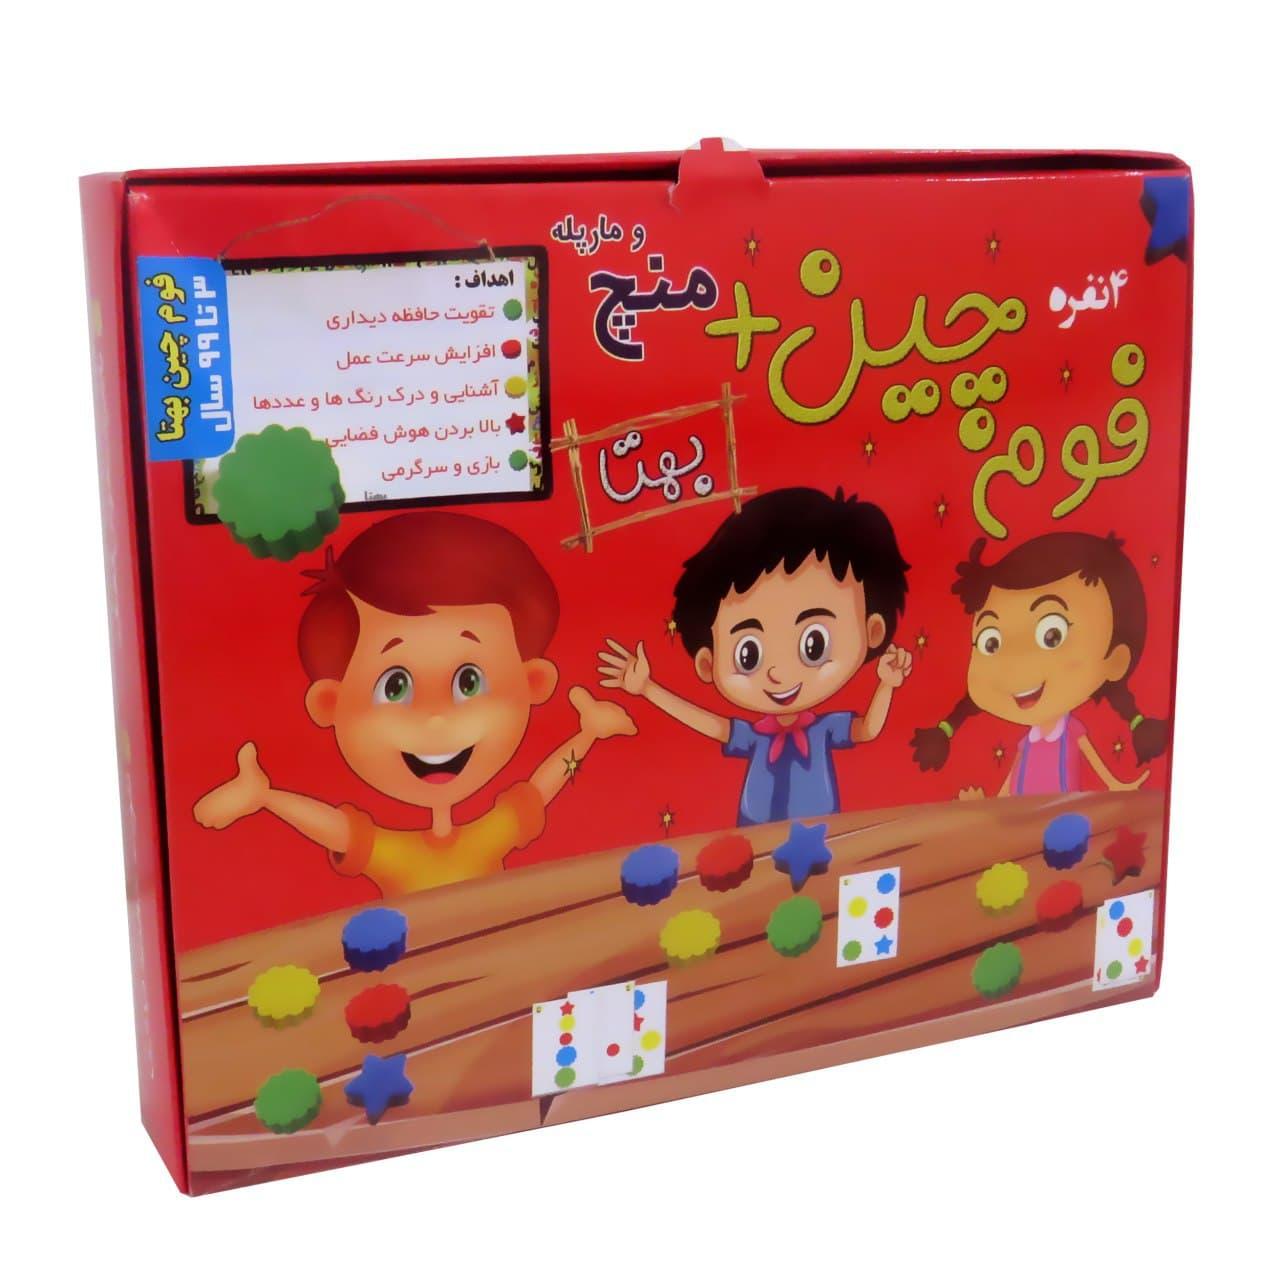 بسته بازی کارتی فوم چین + منچ و مارپله (باجعبه)